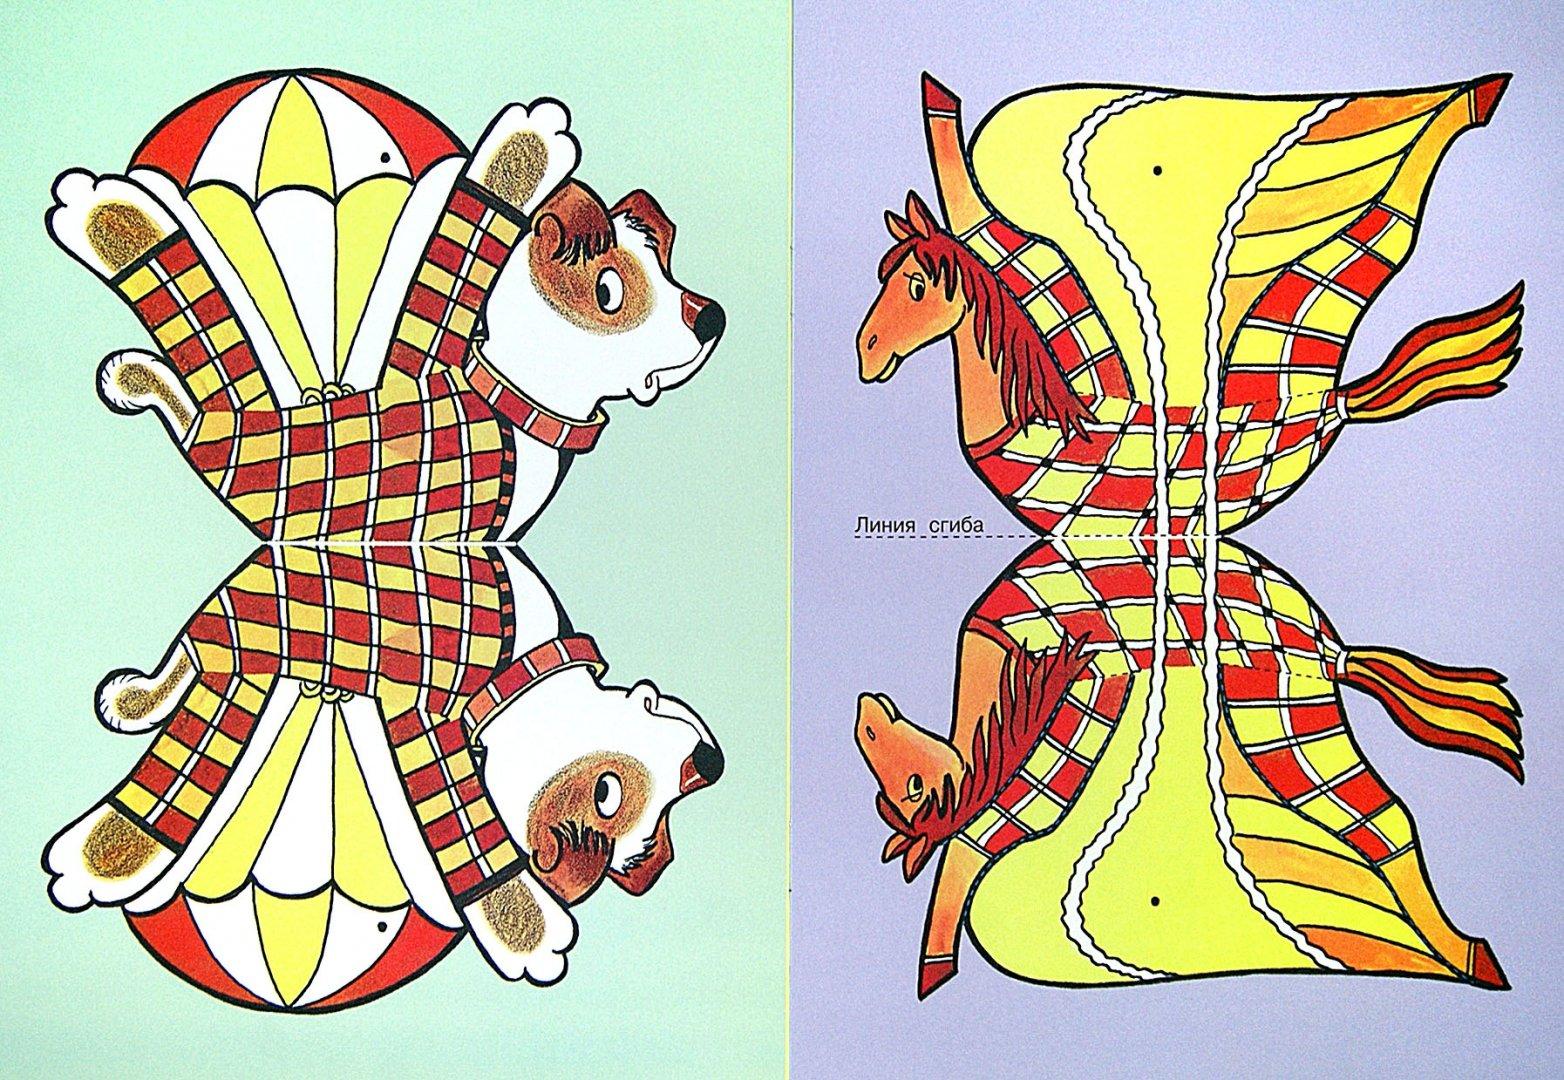 Иллюстрация 1 из 3 для Украшаем ёлку. Альбом самоделок - М. Парнякова | Лабиринт - книги. Источник: Лабиринт